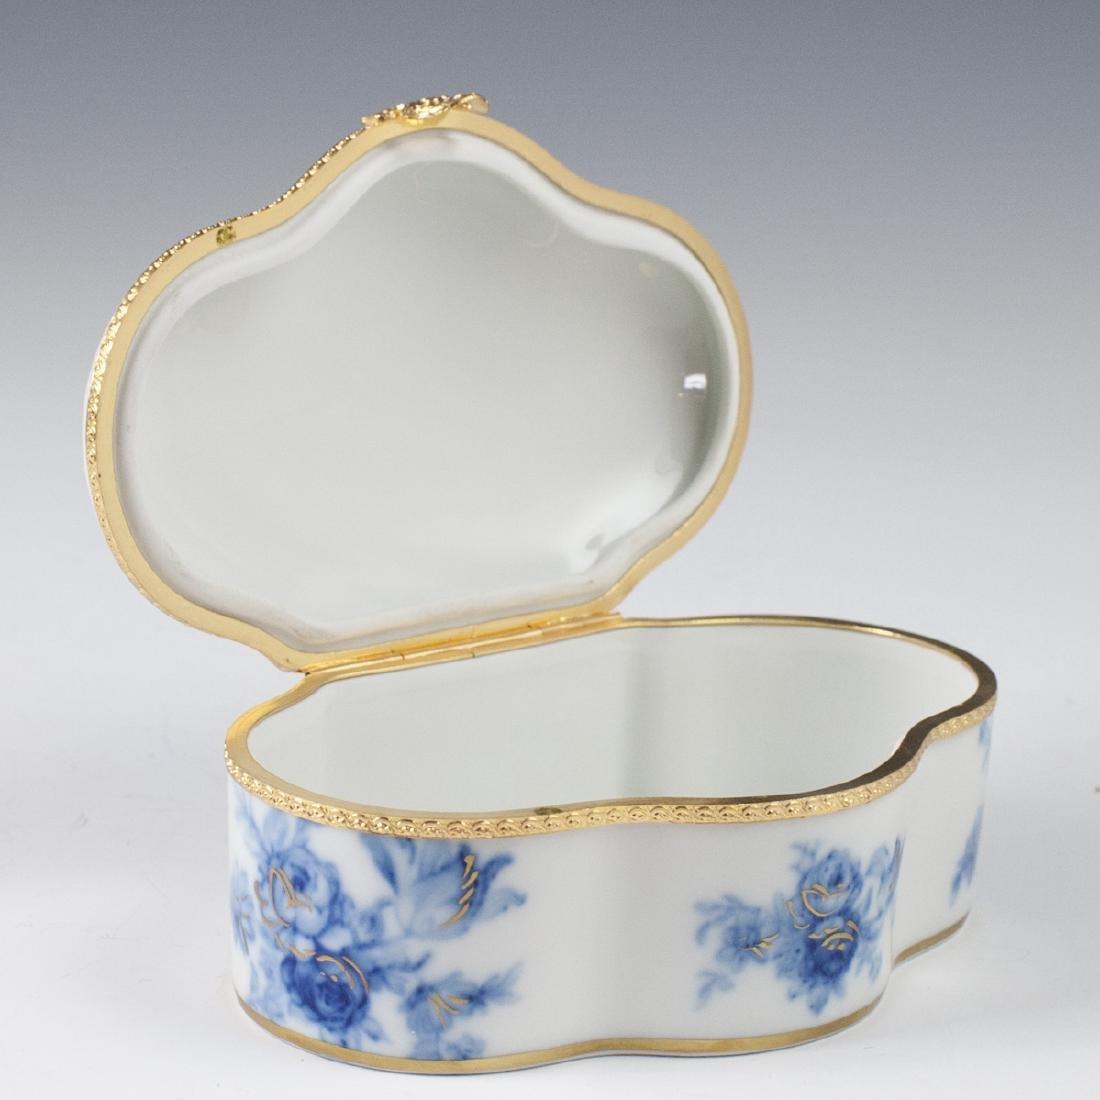 MNP Limoges Porcelain Dresser Box - 5